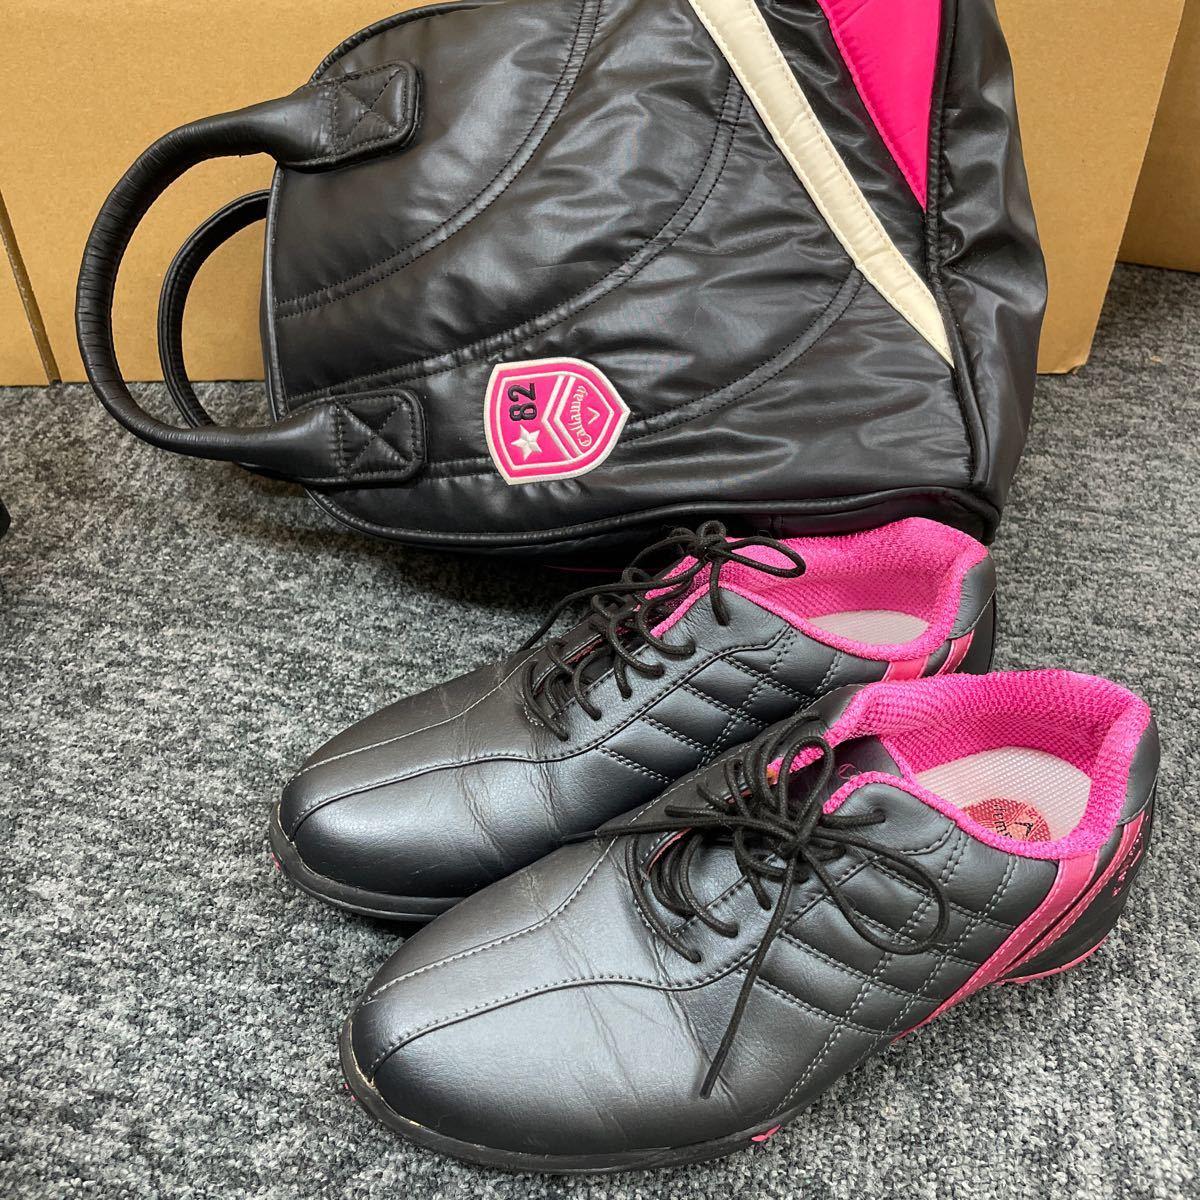 Callaway キャロウェイ レディース ゴルフシューズ 24.5cm ブラック×ピンク JVW803-23 収納ケース付き